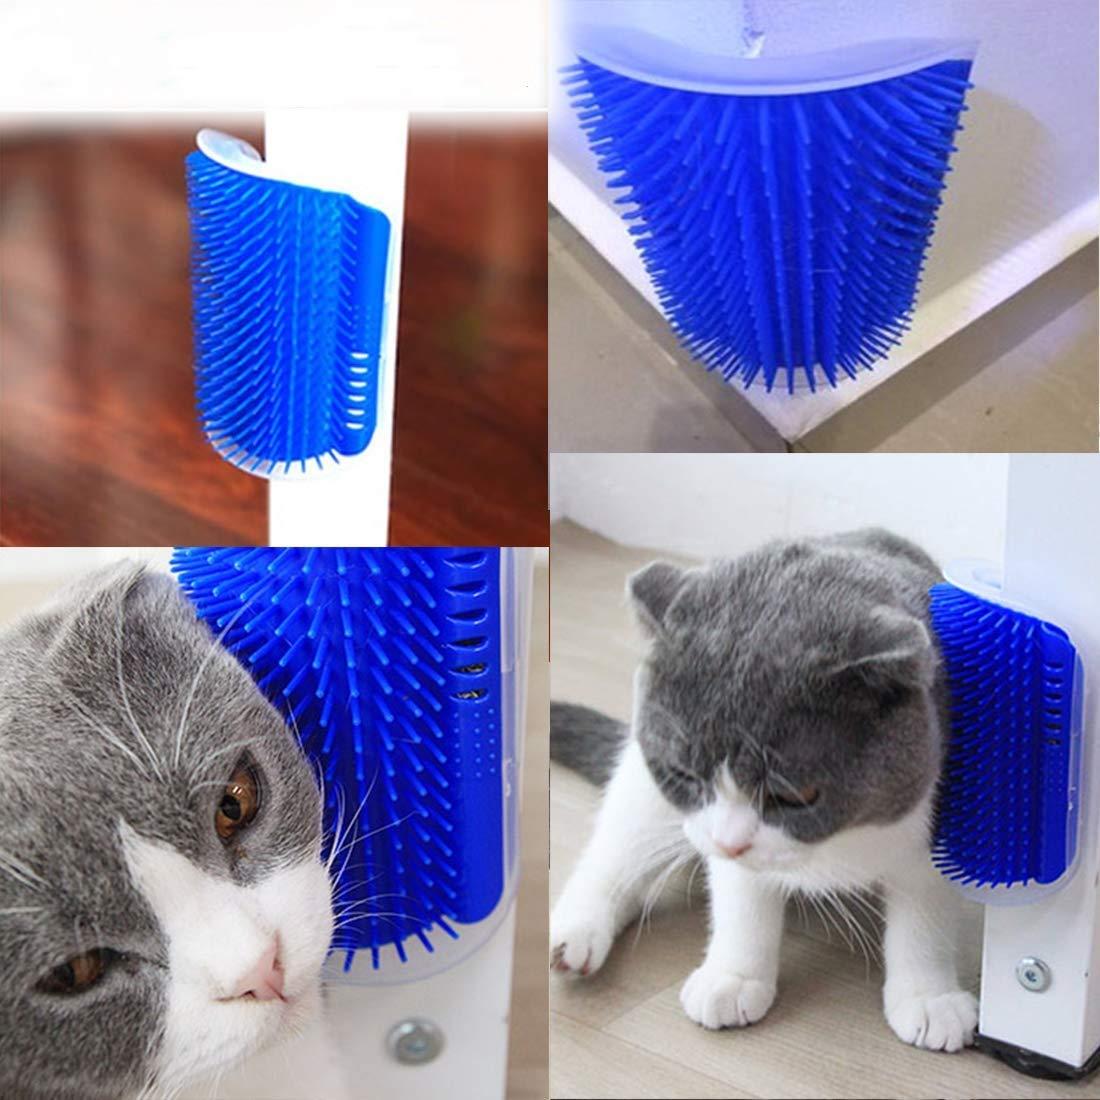 HuaDingTech 2 UNIDS Cat Self Groomer, Cats Corner Groomer Wall Corner Masaje Peine Cepillo de Aseo Masajeador Herramienta para Gato Perro Gato Cepillo ...